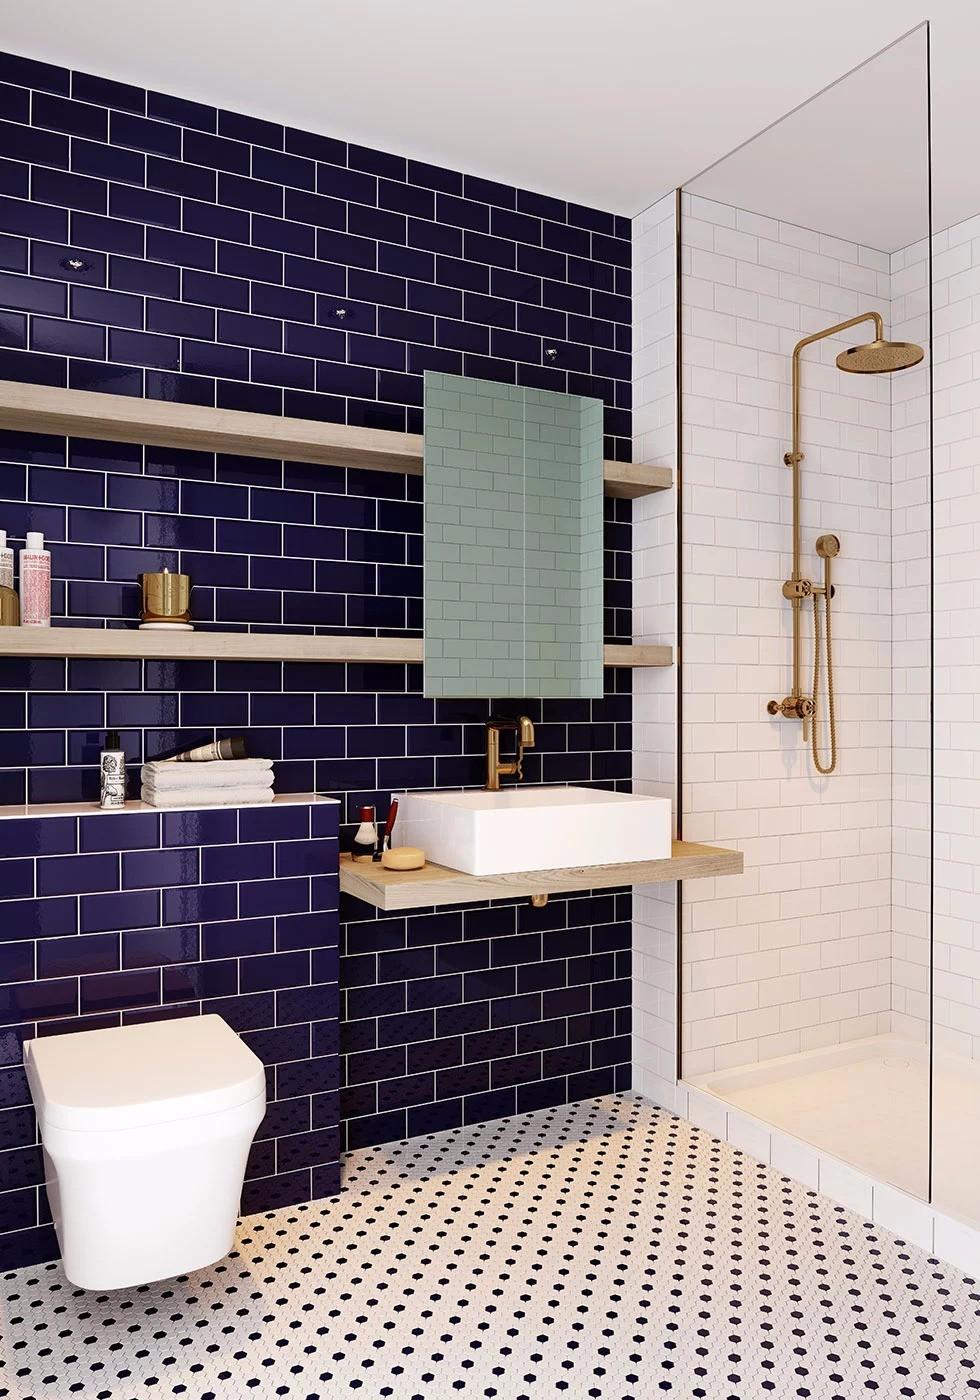 倫敦泰晤士河畔270° 濱水公寓丨首付僅¥17.8萬起插图10